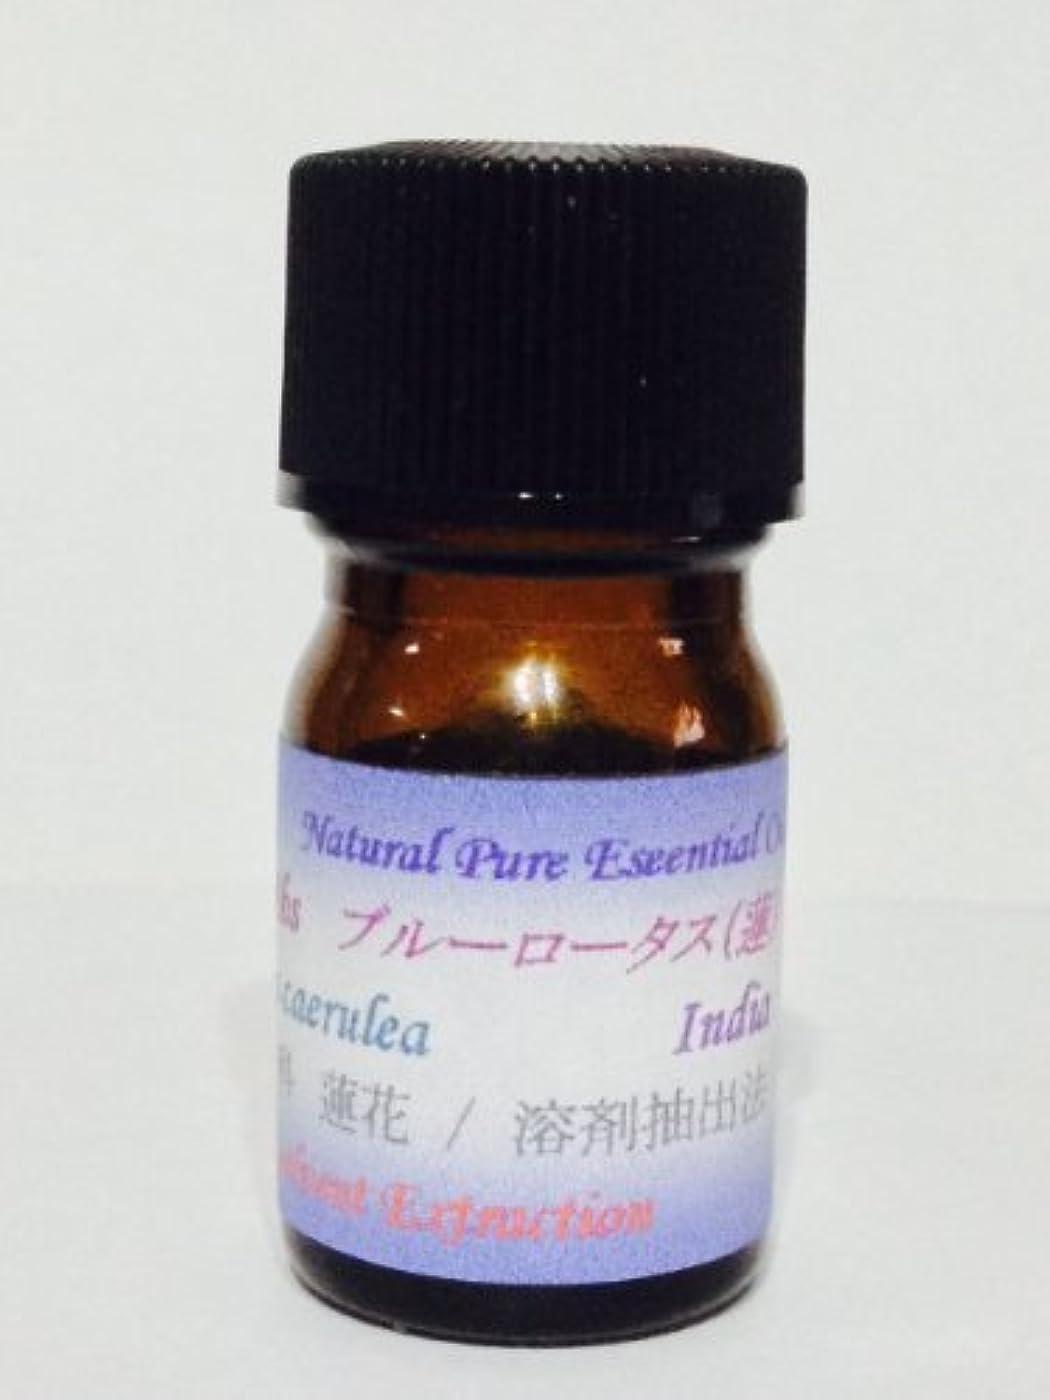 ブランチ中間教育するブルーロータスAbs (アブソリュード) 天然精油 10ml 100%ピュアエッセンシャルオイル 天然アロマ